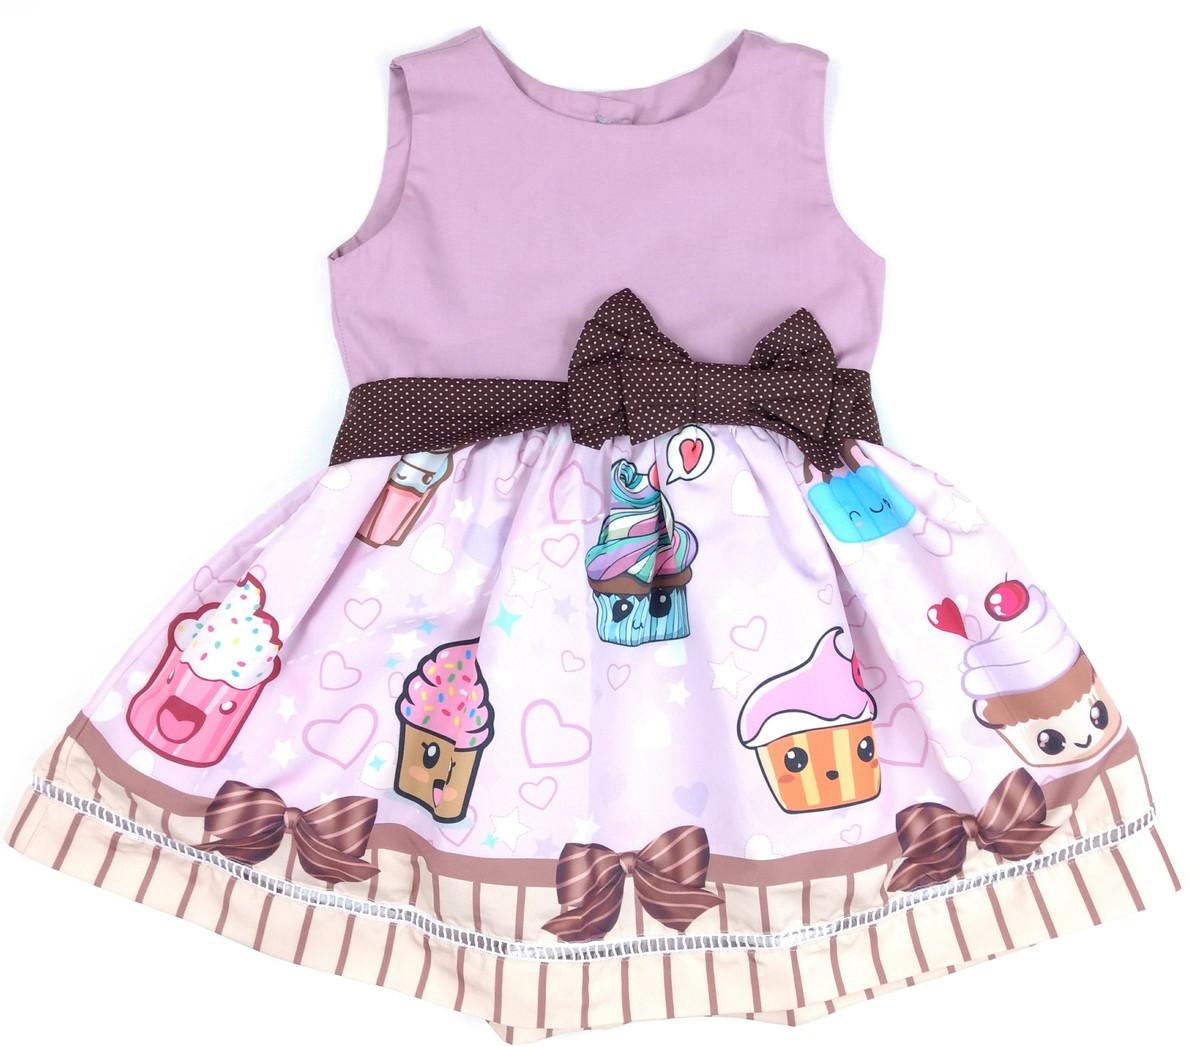 Vestido Cupcake Desenho No Elo7 Outlet Kids 845186